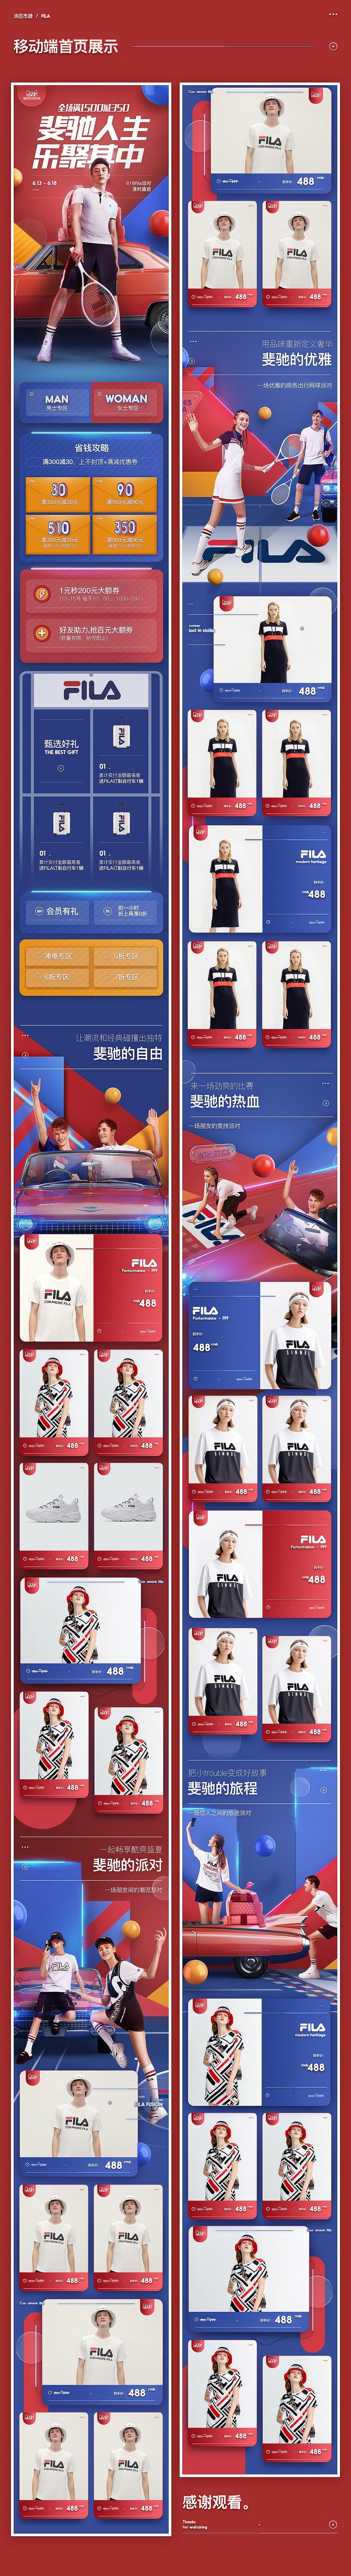 FILA-618 品牌新视觉作品分享【汤臣杰逊】